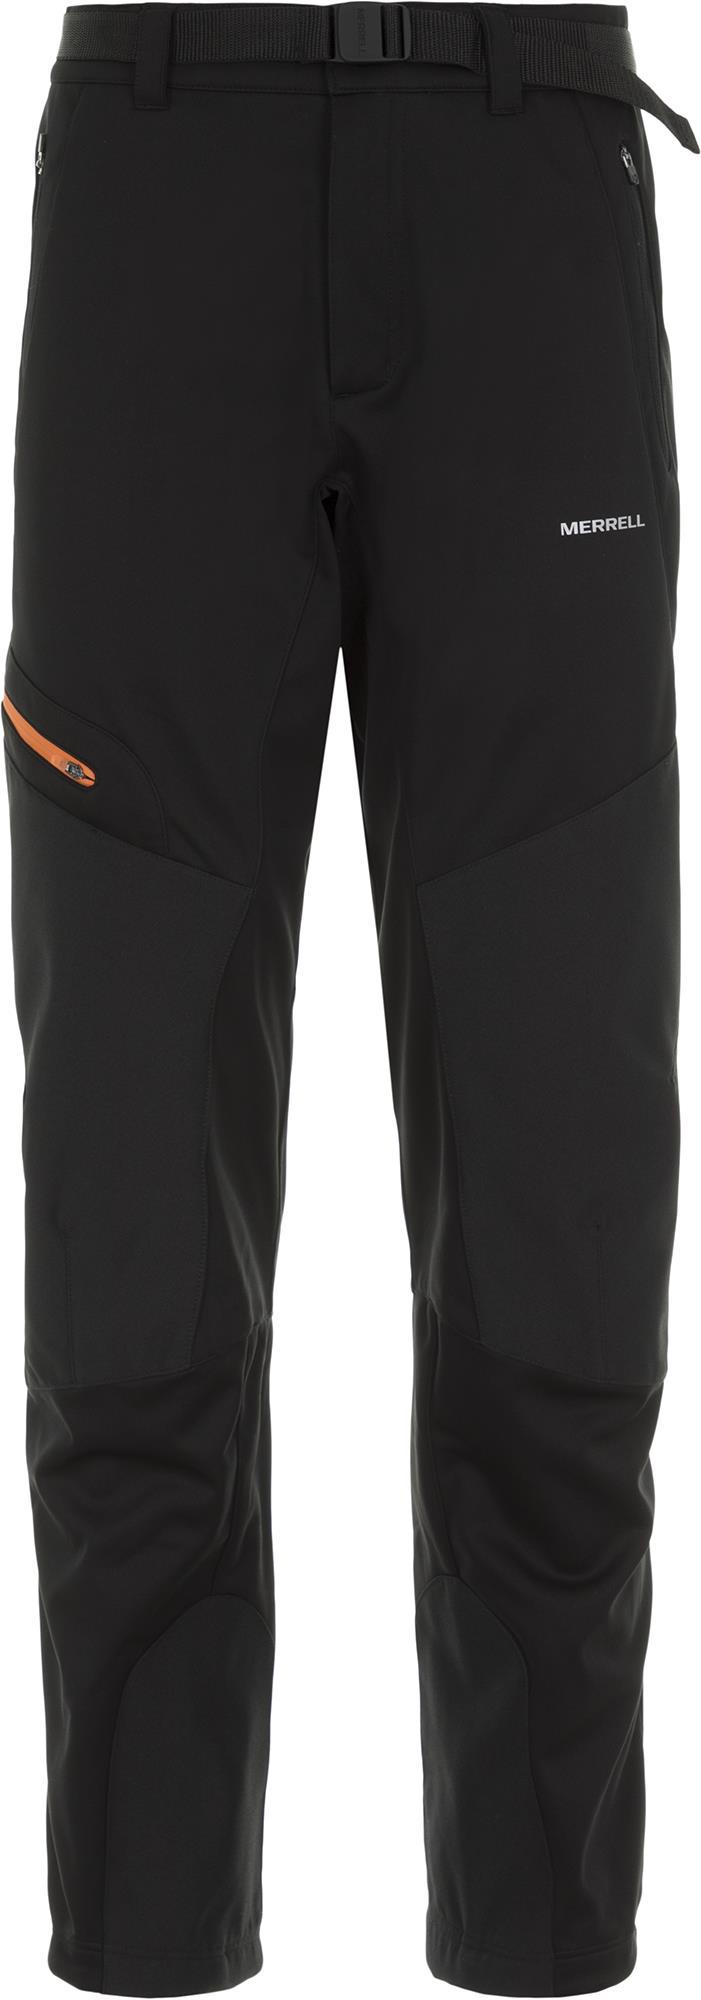 Брюки утепленные Merrell Men's Pants pants winter kilpi брюки утепленные